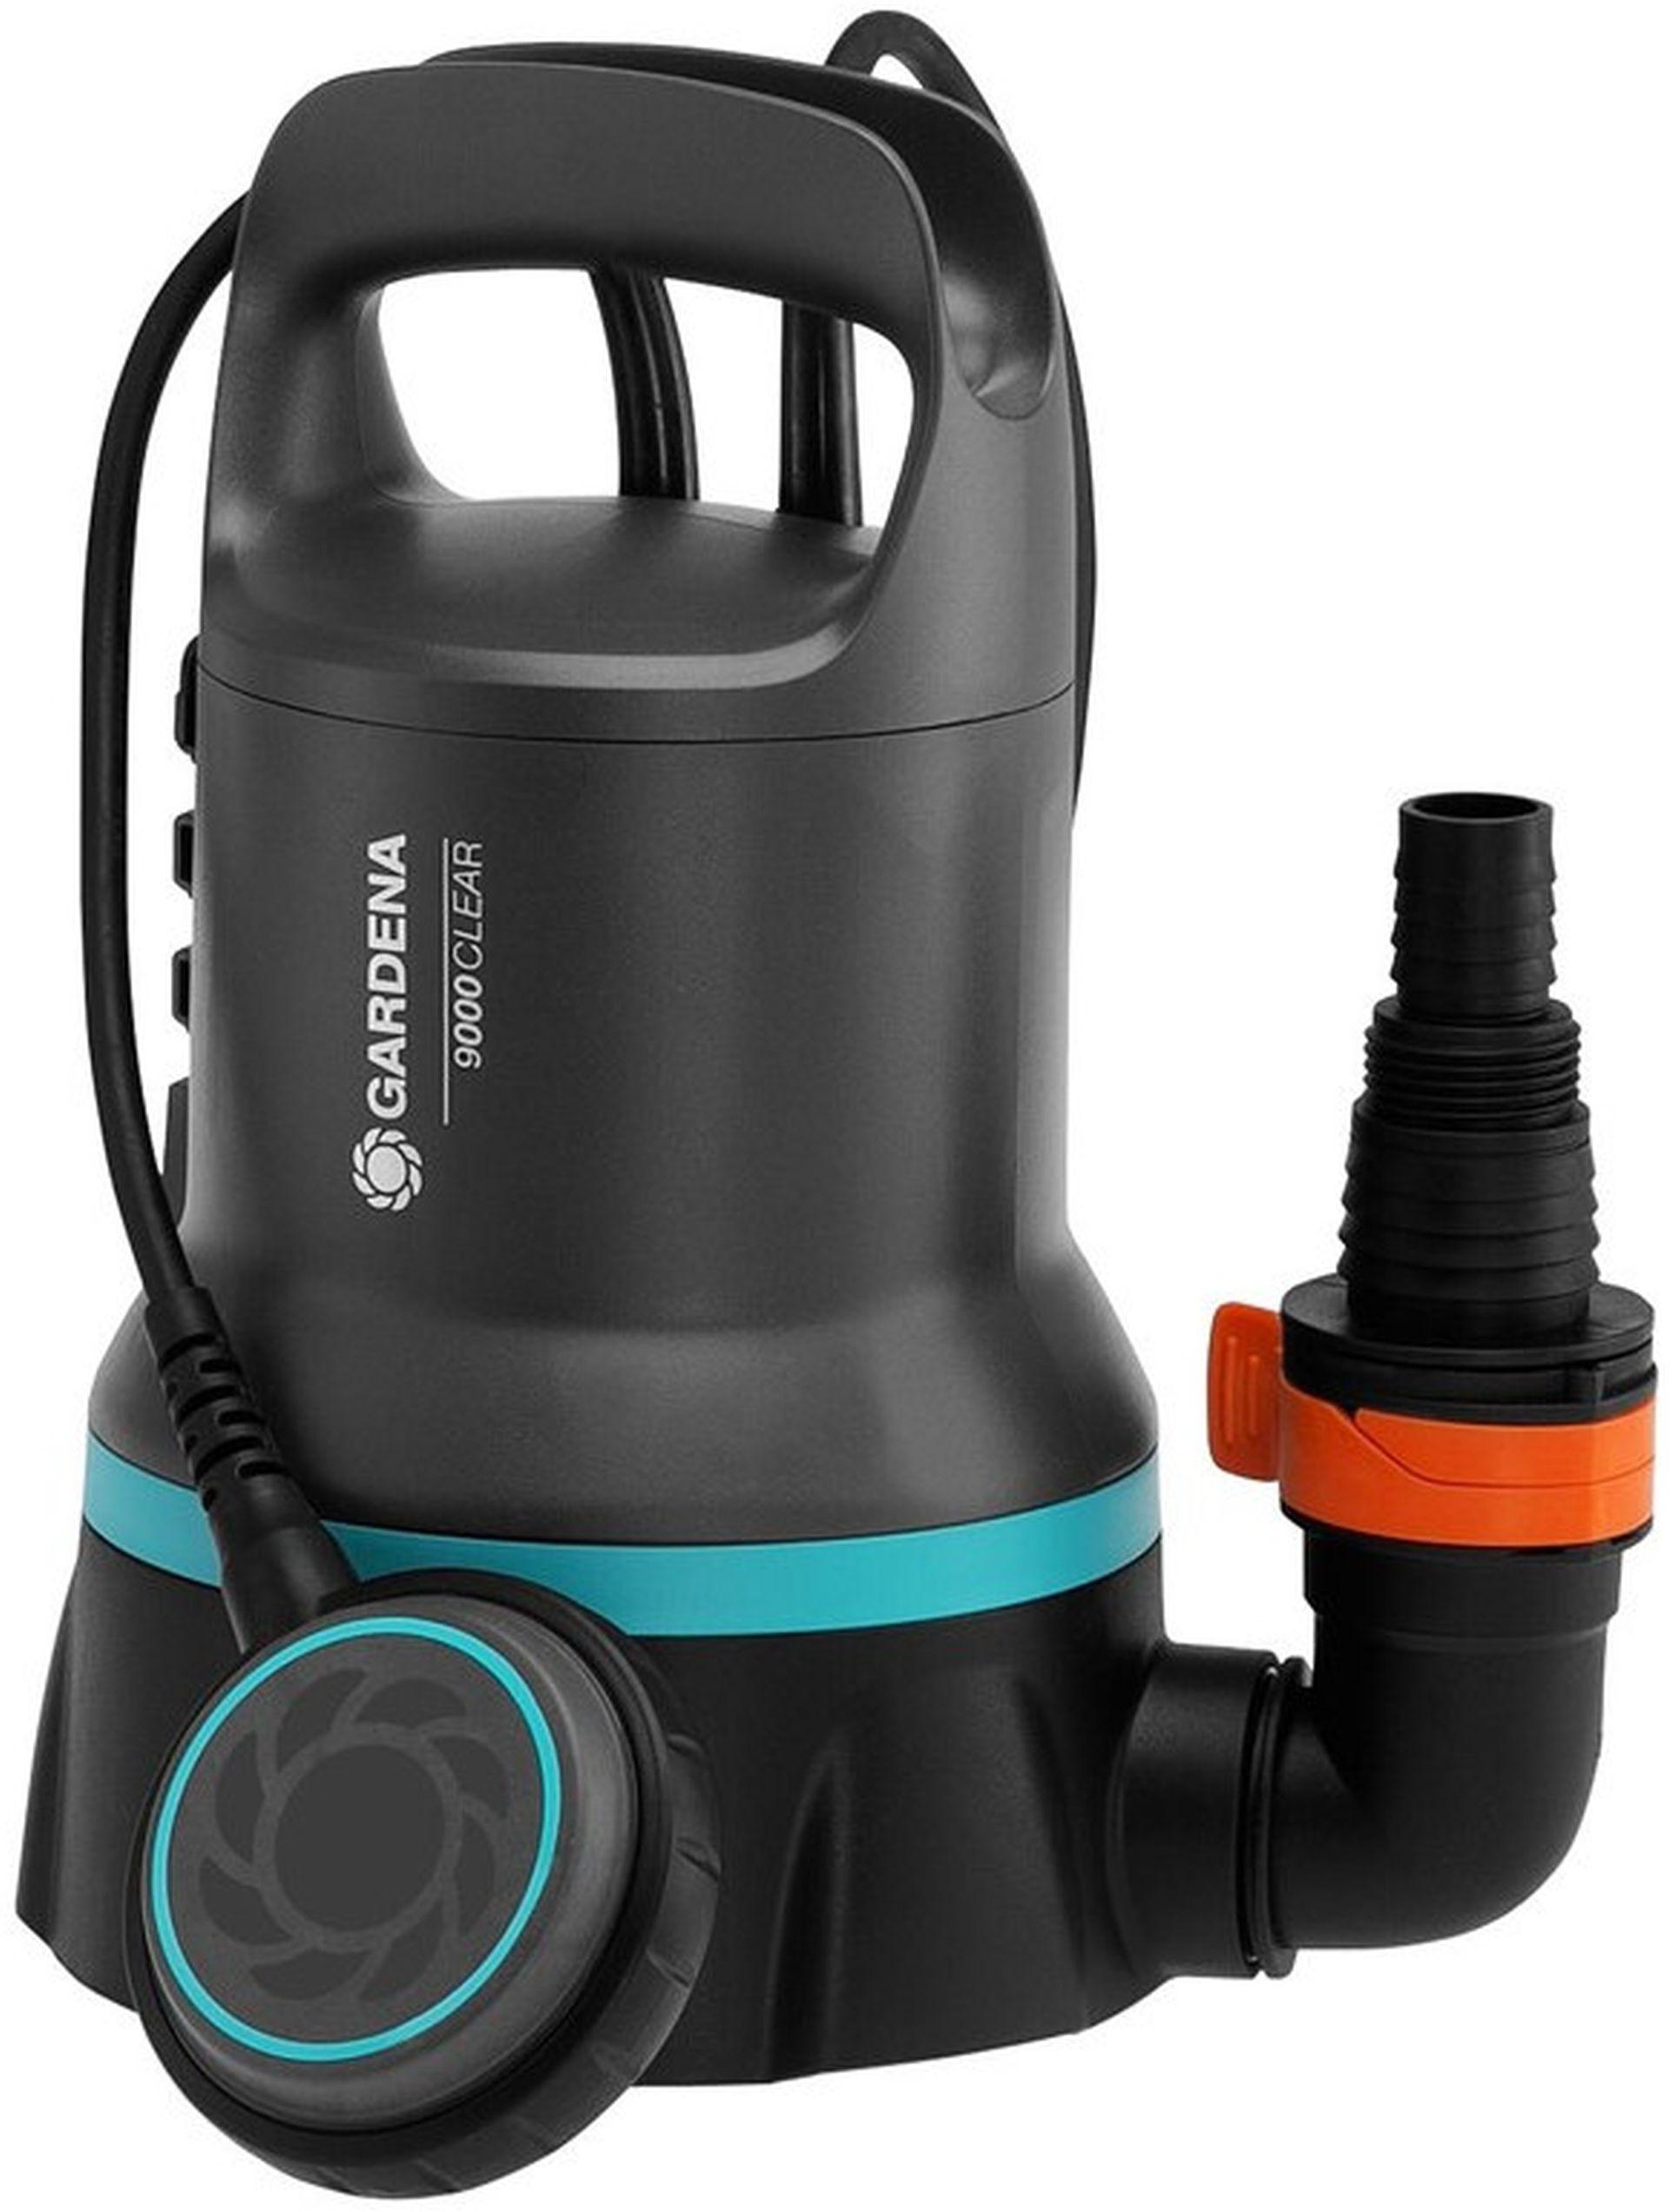 GARDENA 9000 Ponorné čerpadlo pro čistou vodu, 300W, 9 000l/h 9030-20